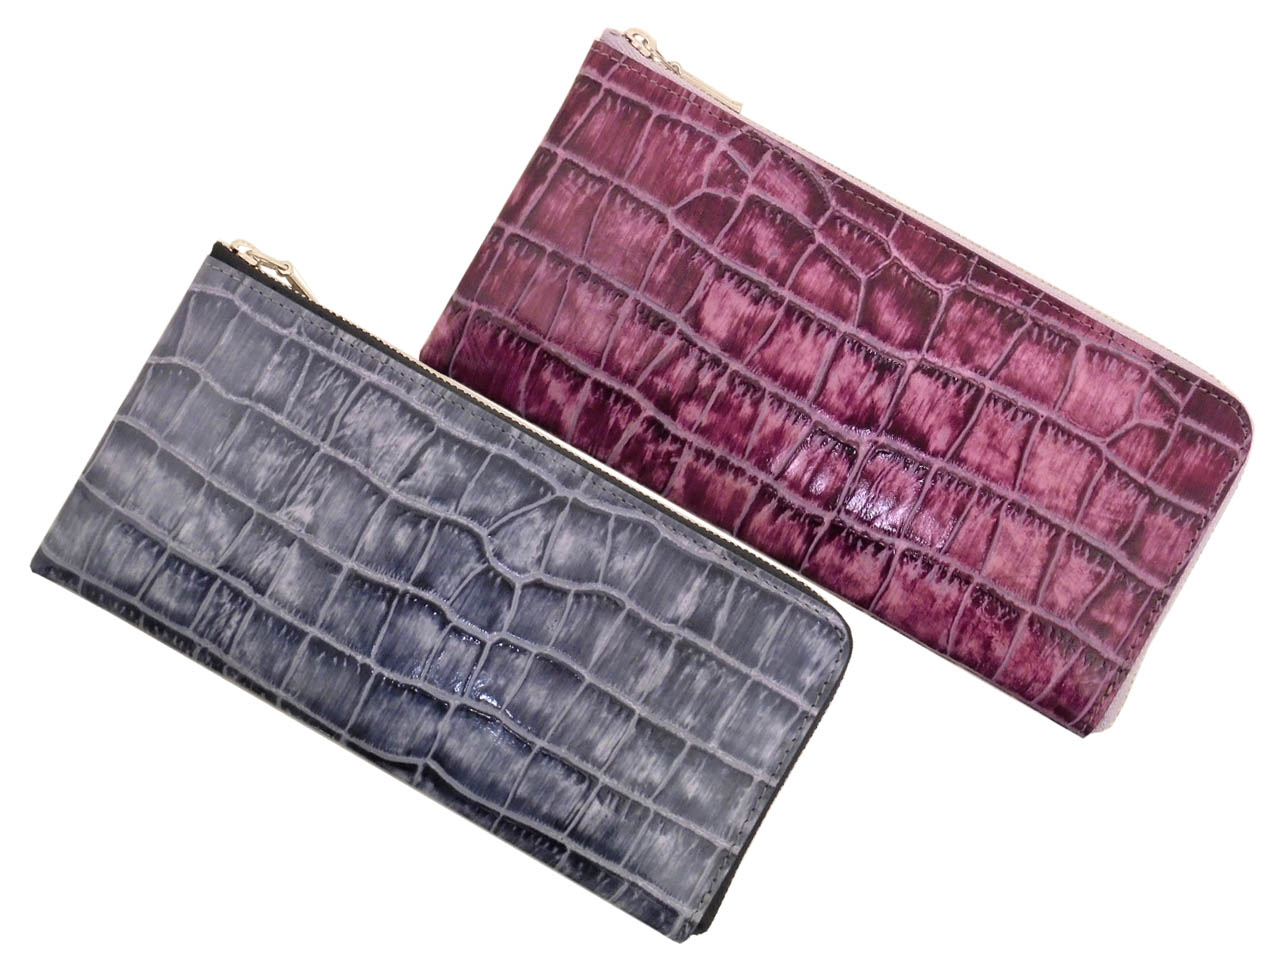 毎日激安特売で 営業中です FU-SI FERNALLE AROMA COCCO wallet collection フェルナーレ 大幅値下げランキング 15527 L字ファスナー長財布 フーシ レディ-ス アロマクロコ